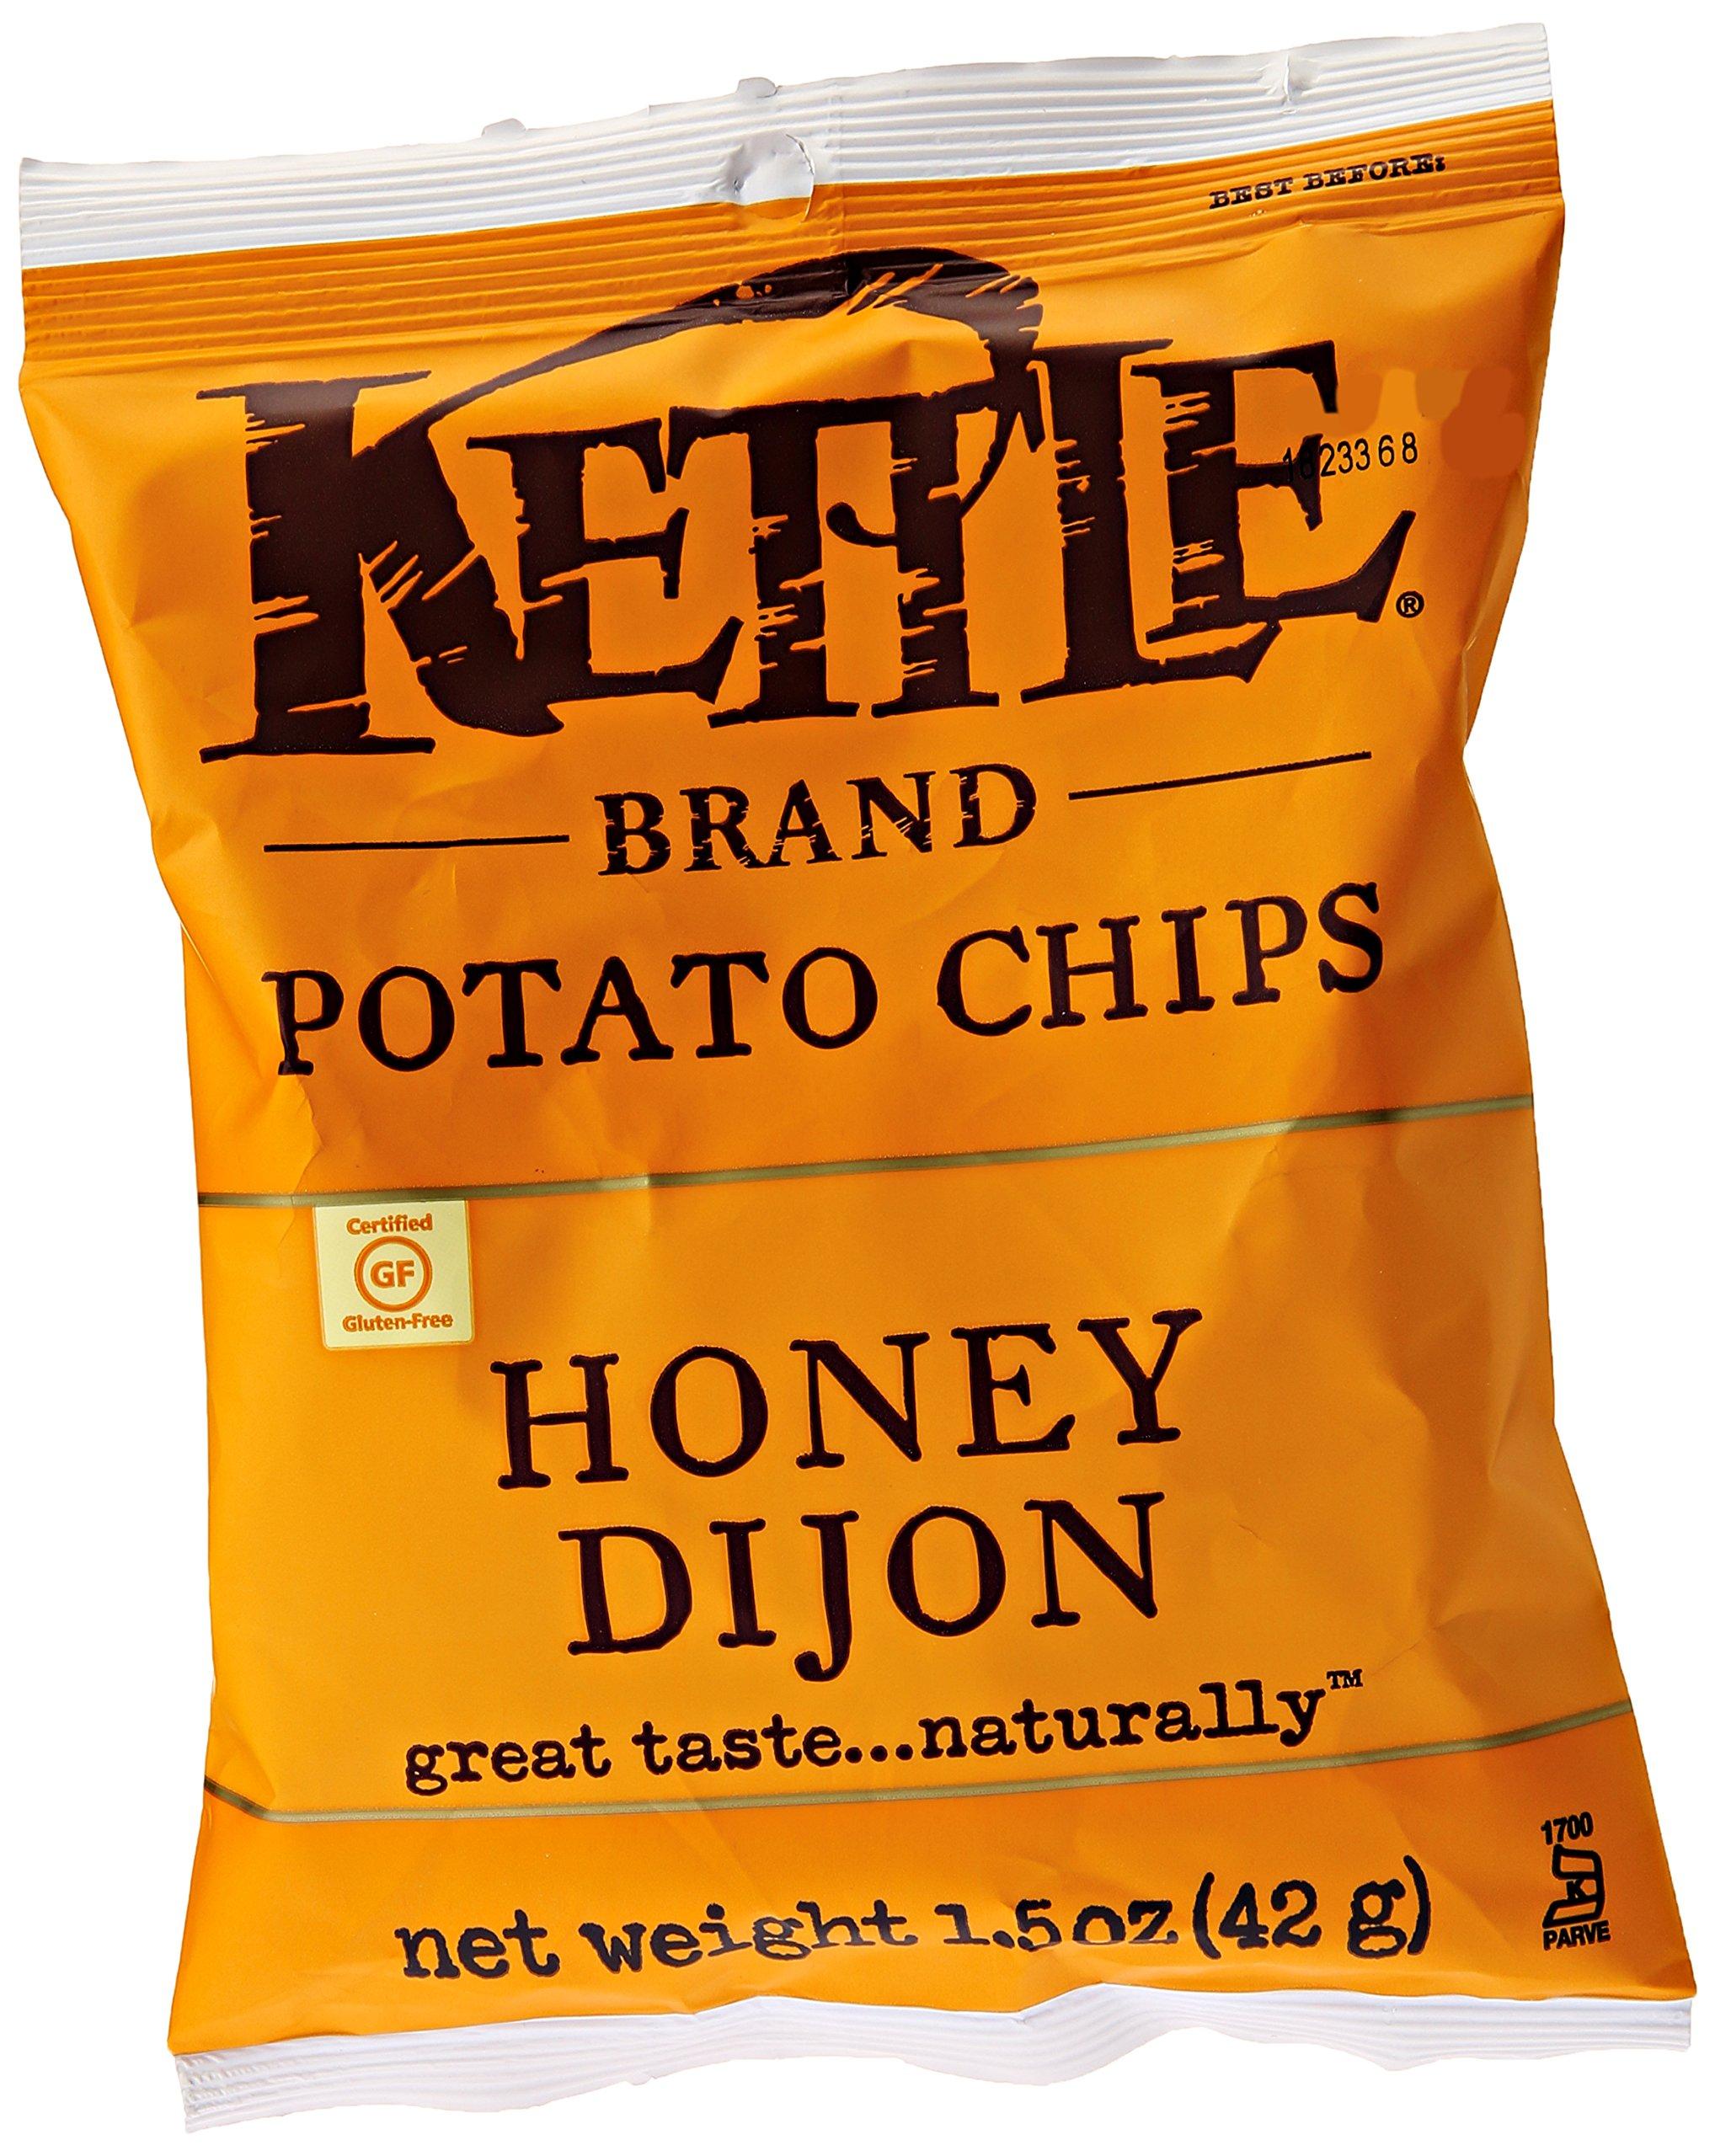 Kettle Foods Potato Chip, Honey Dijon, 1.5 oz